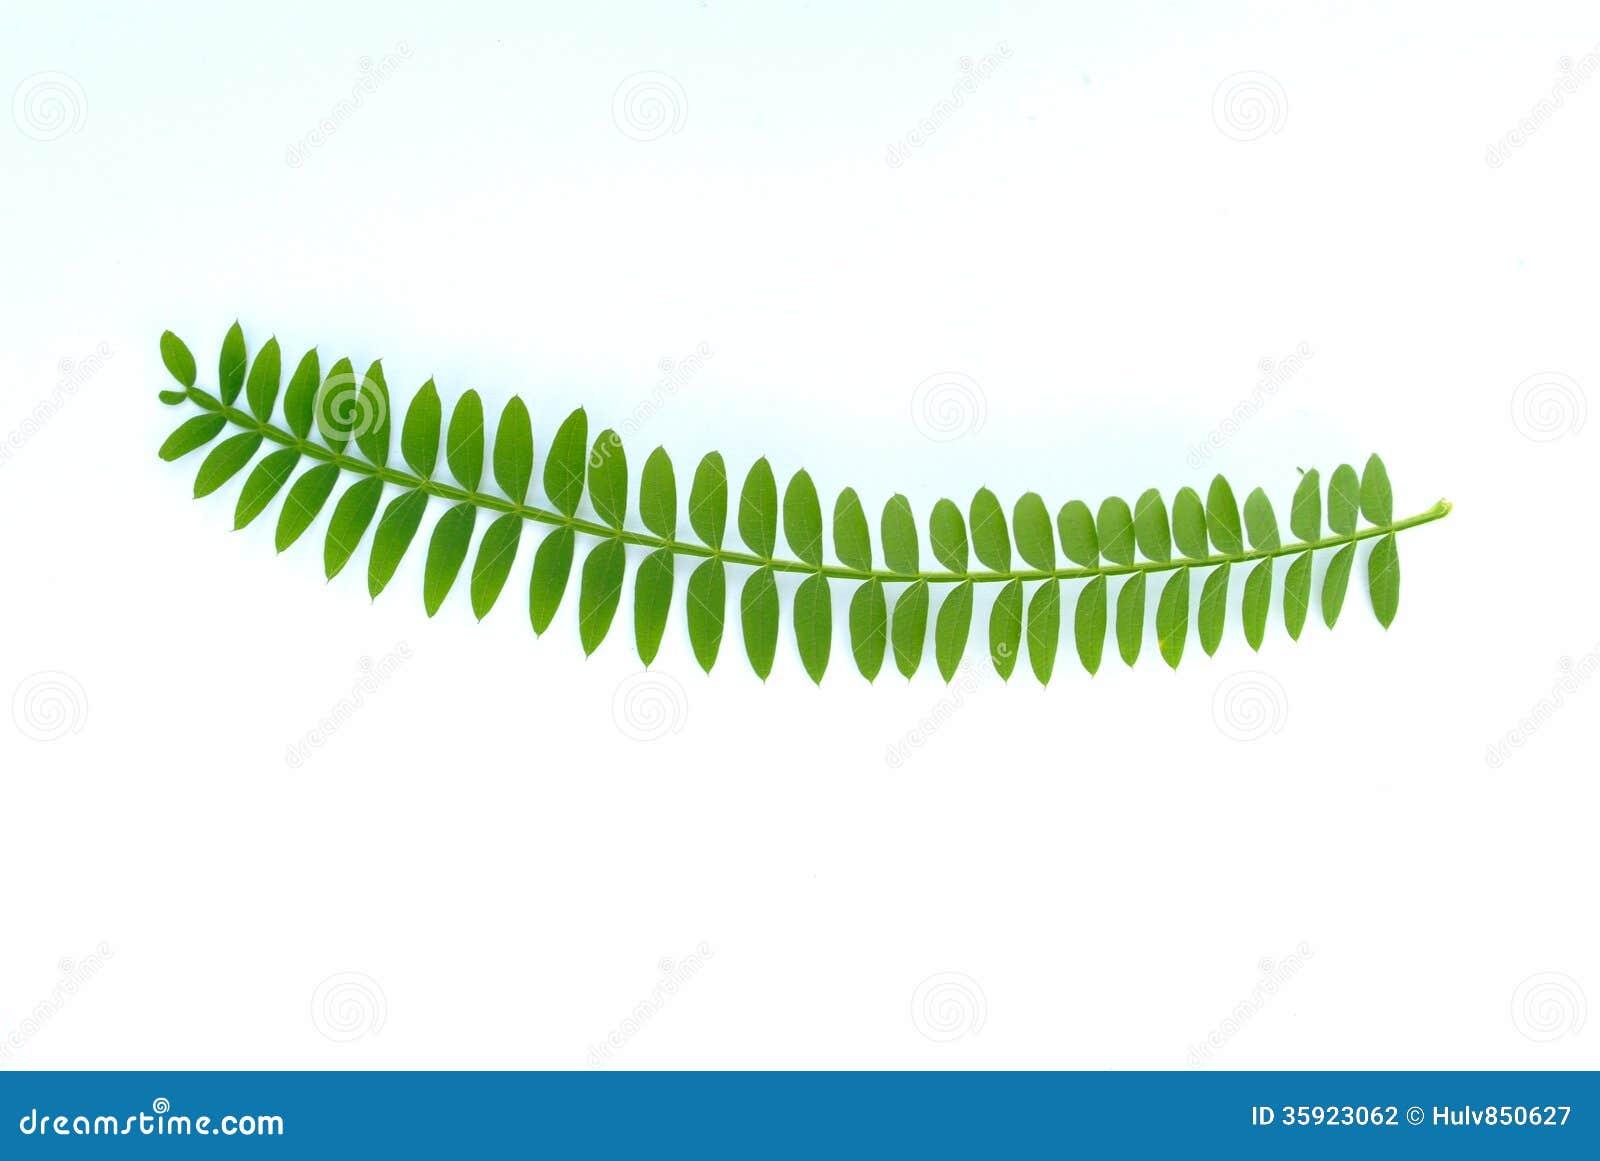 从含羞草(金合欢)树的叶子.图片